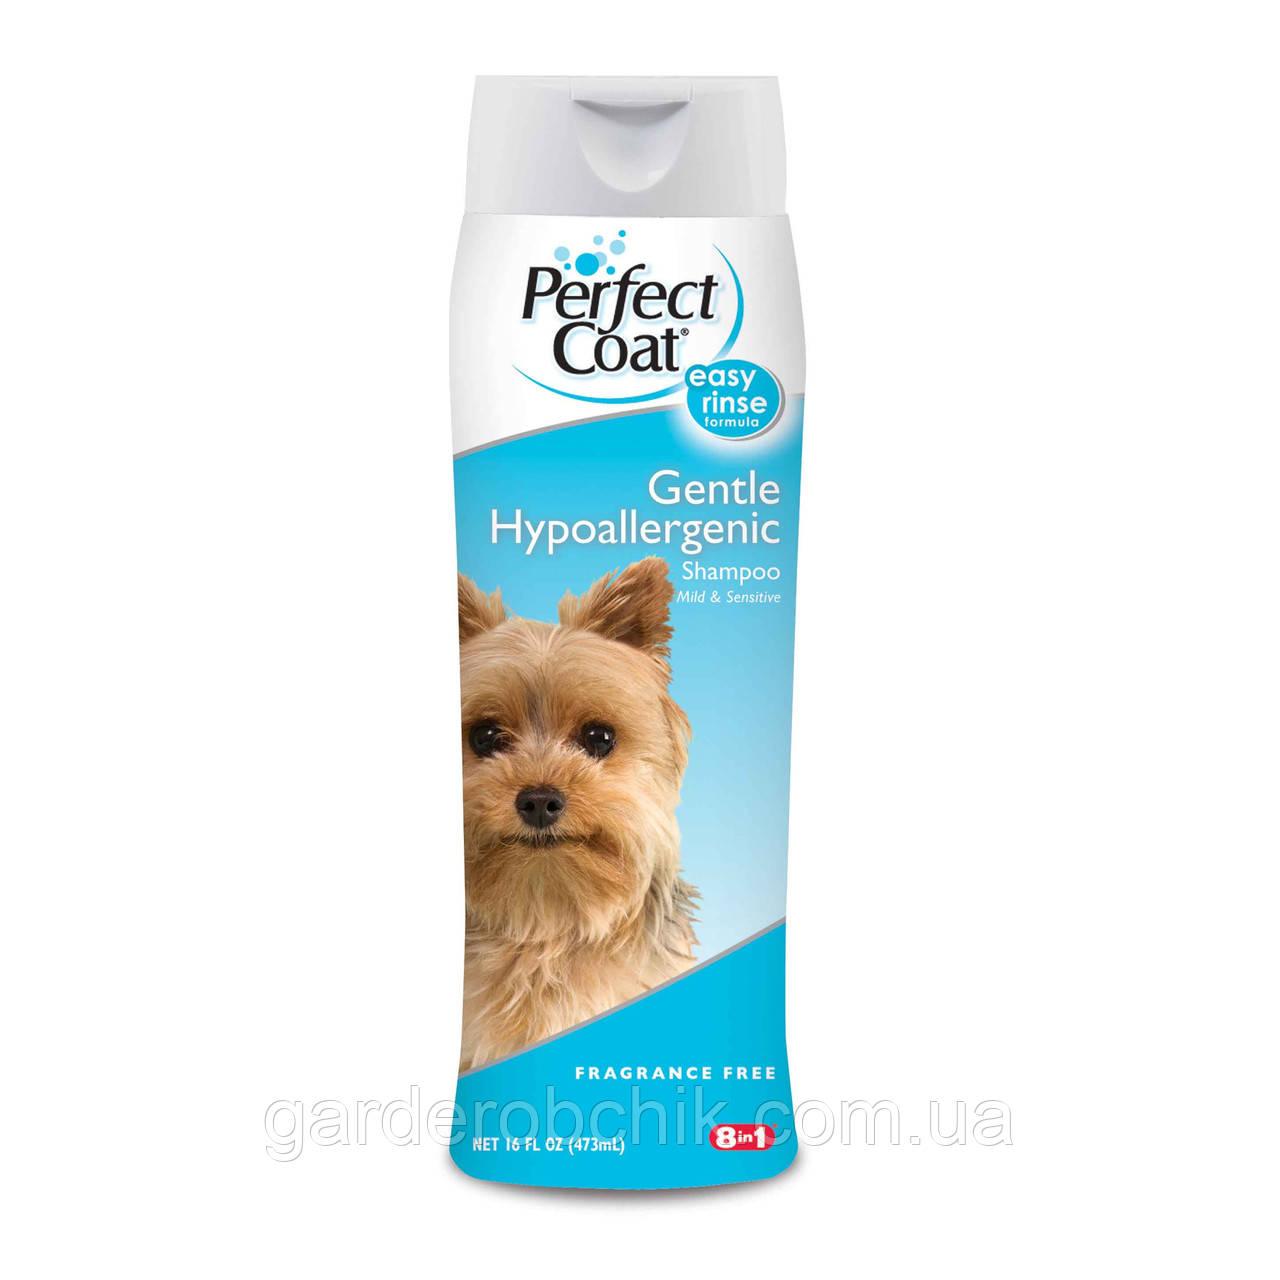 Шампунь гипоалергенный, для собак 8 в 1. Шампуни для собак